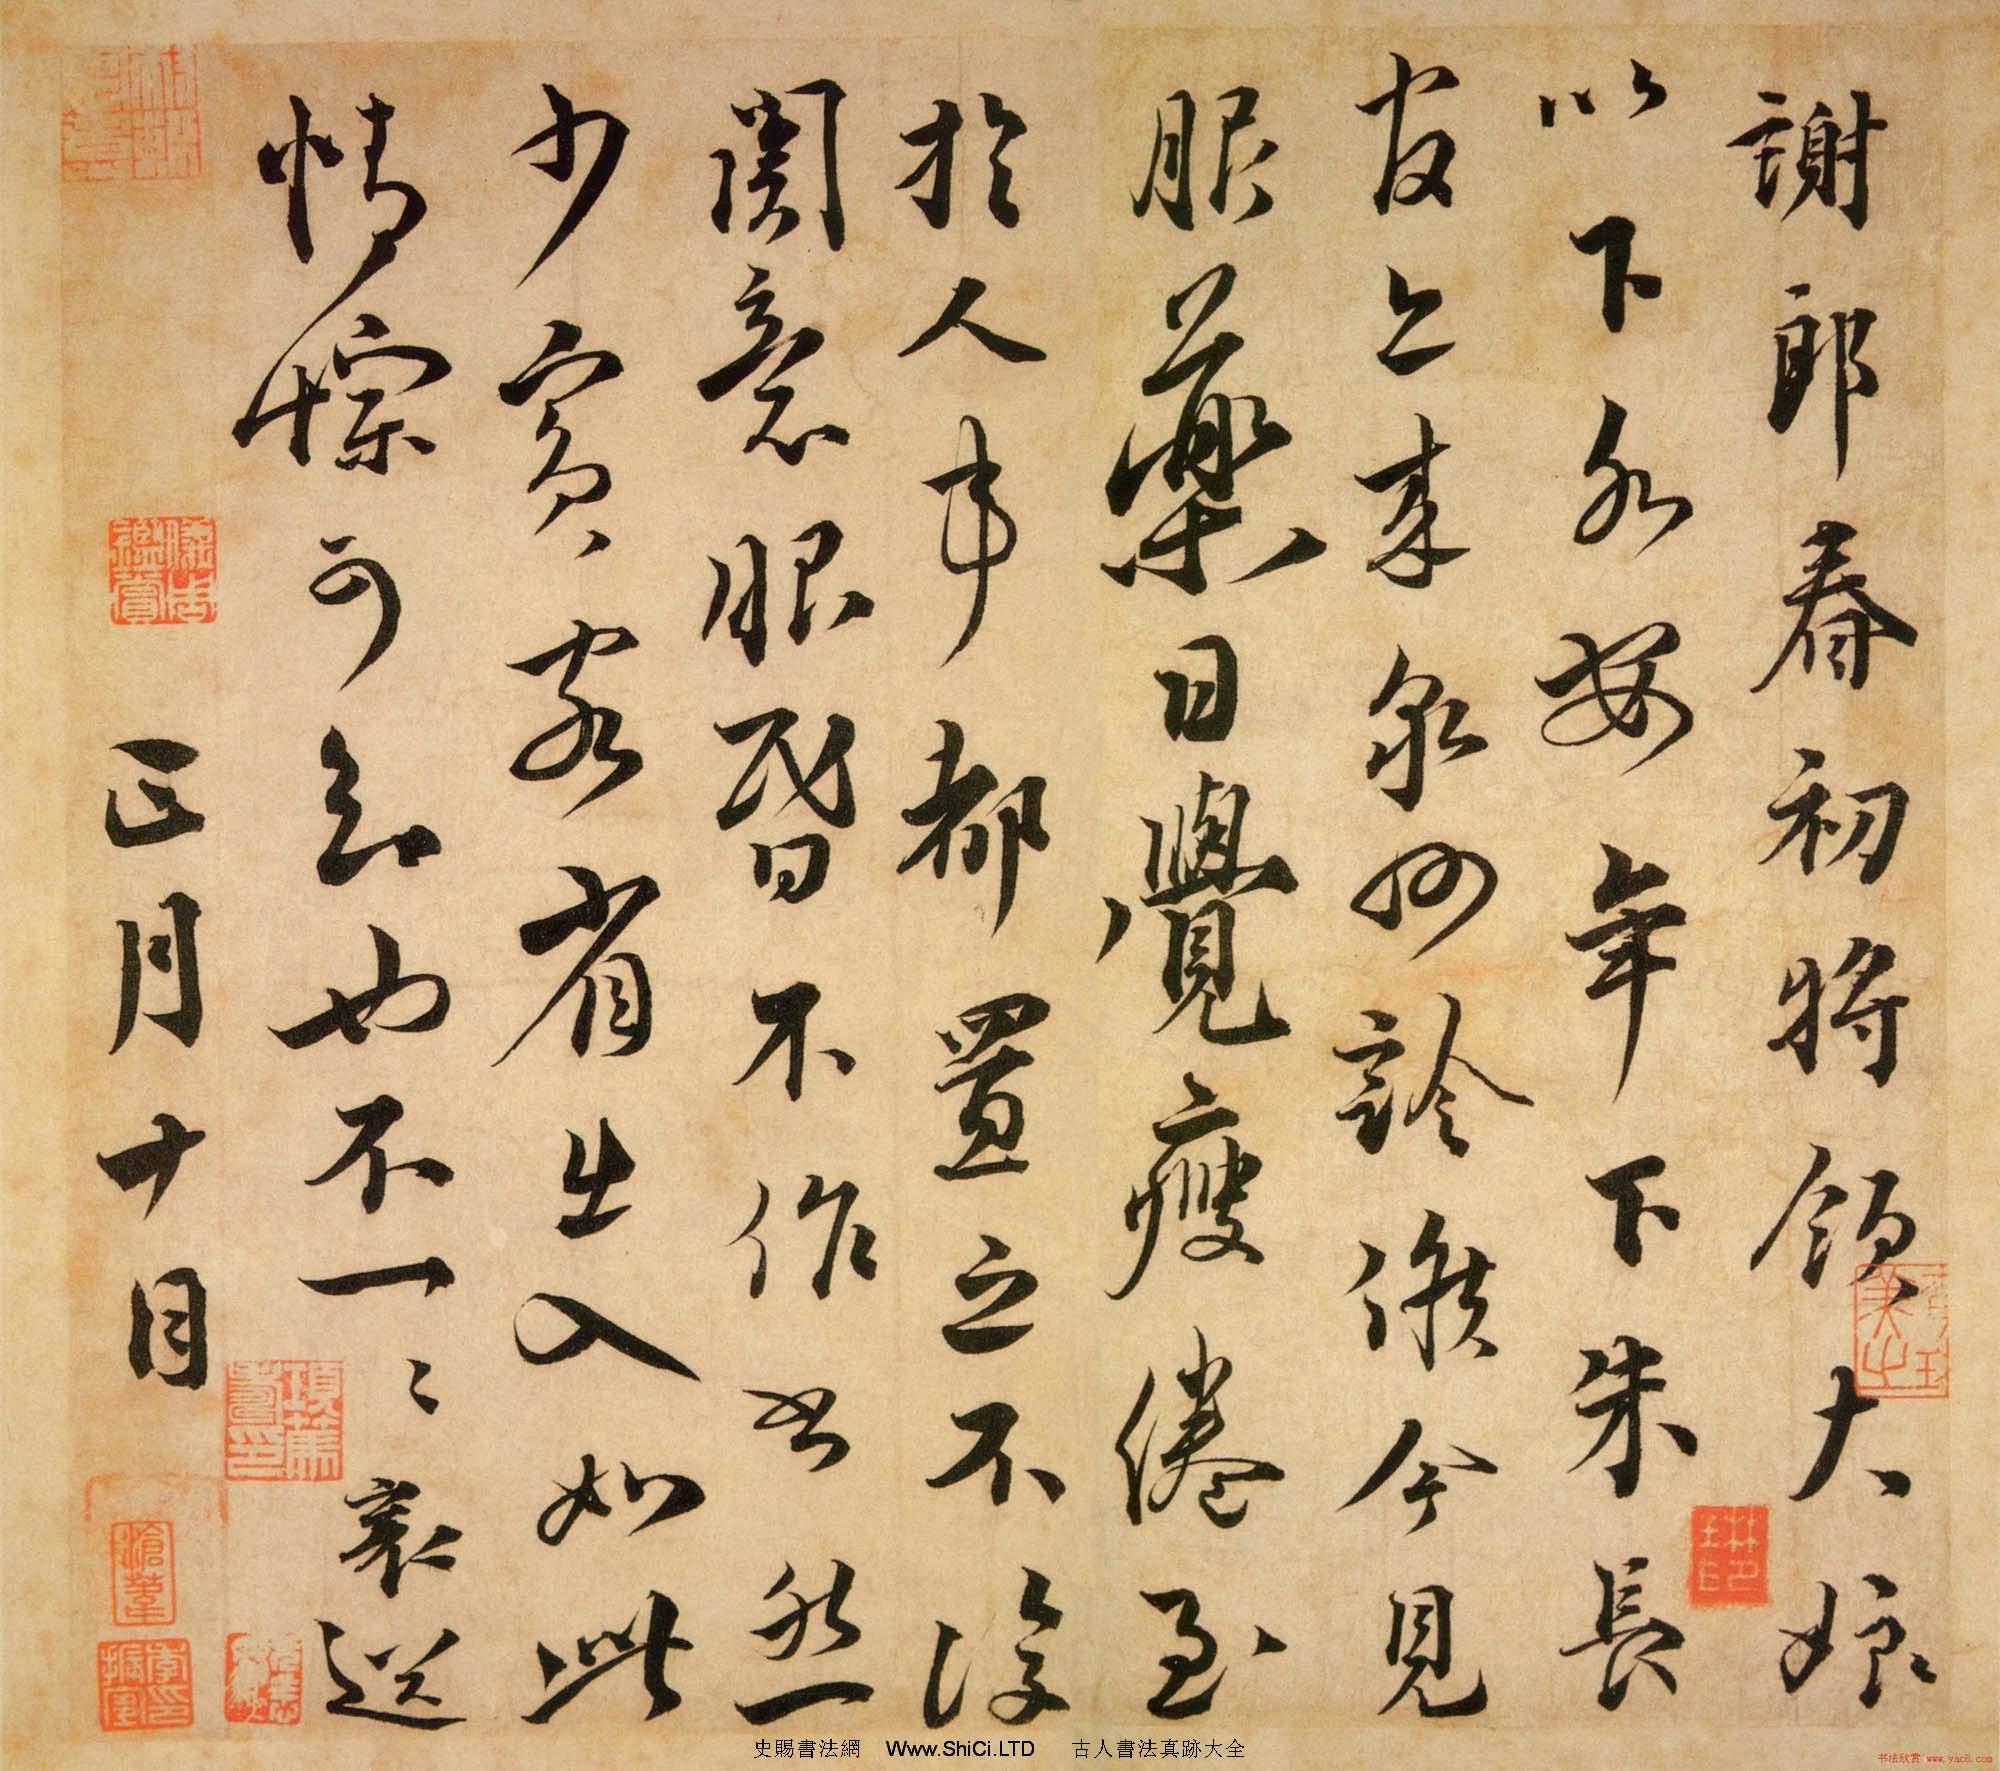 蔡襄書法尺牘真跡欣賞《謝郎帖》(大圖)(共4張圖片)